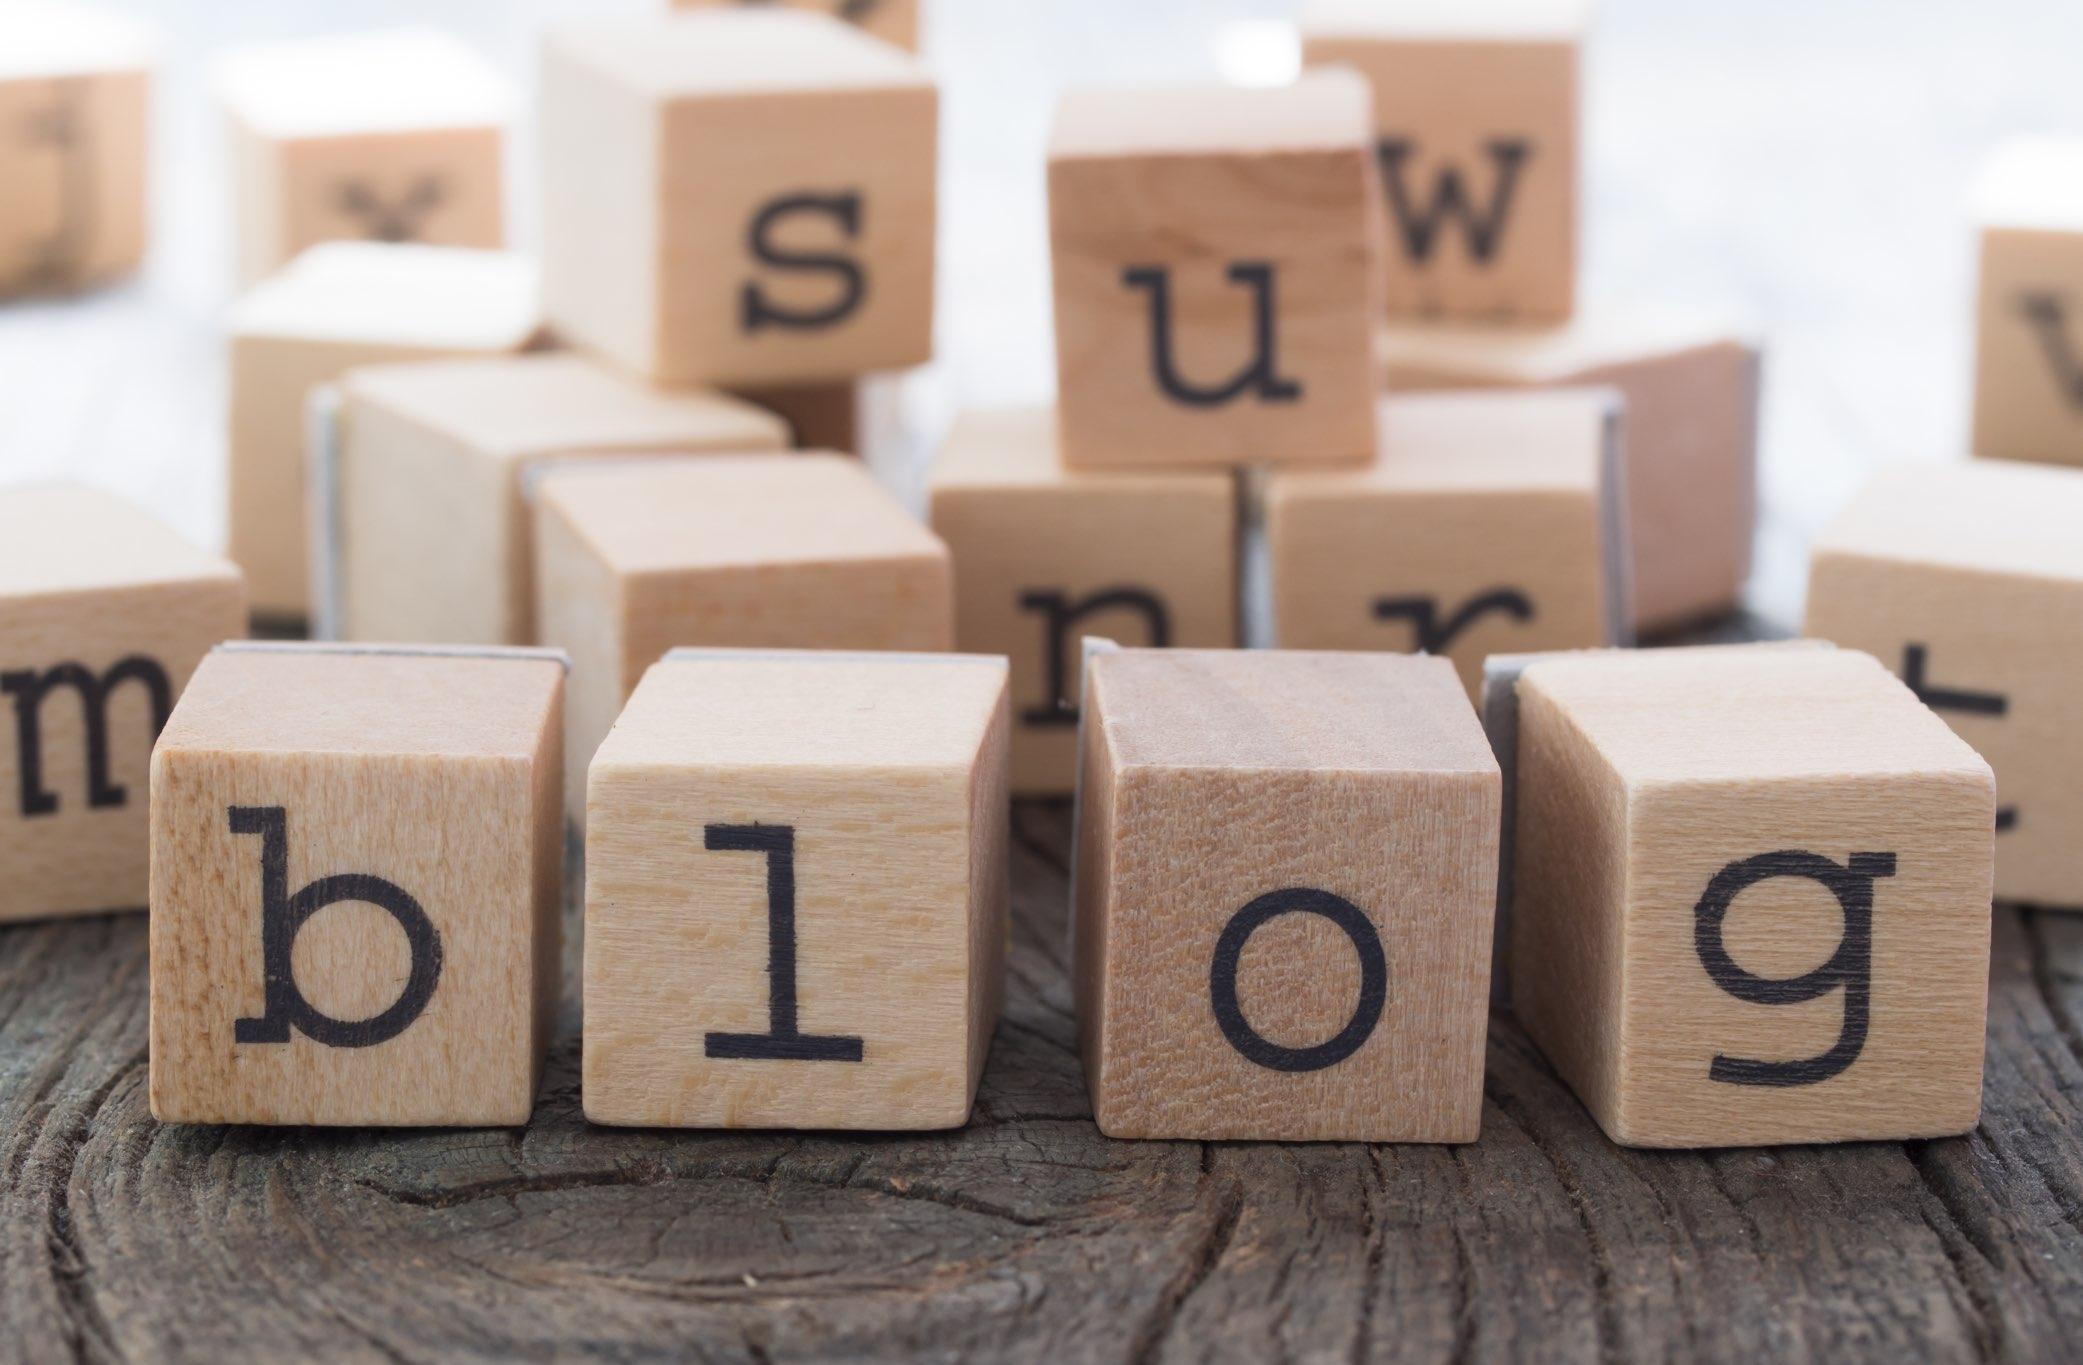 Comment utiliser Tumblr comme blogue pour votre entreprise